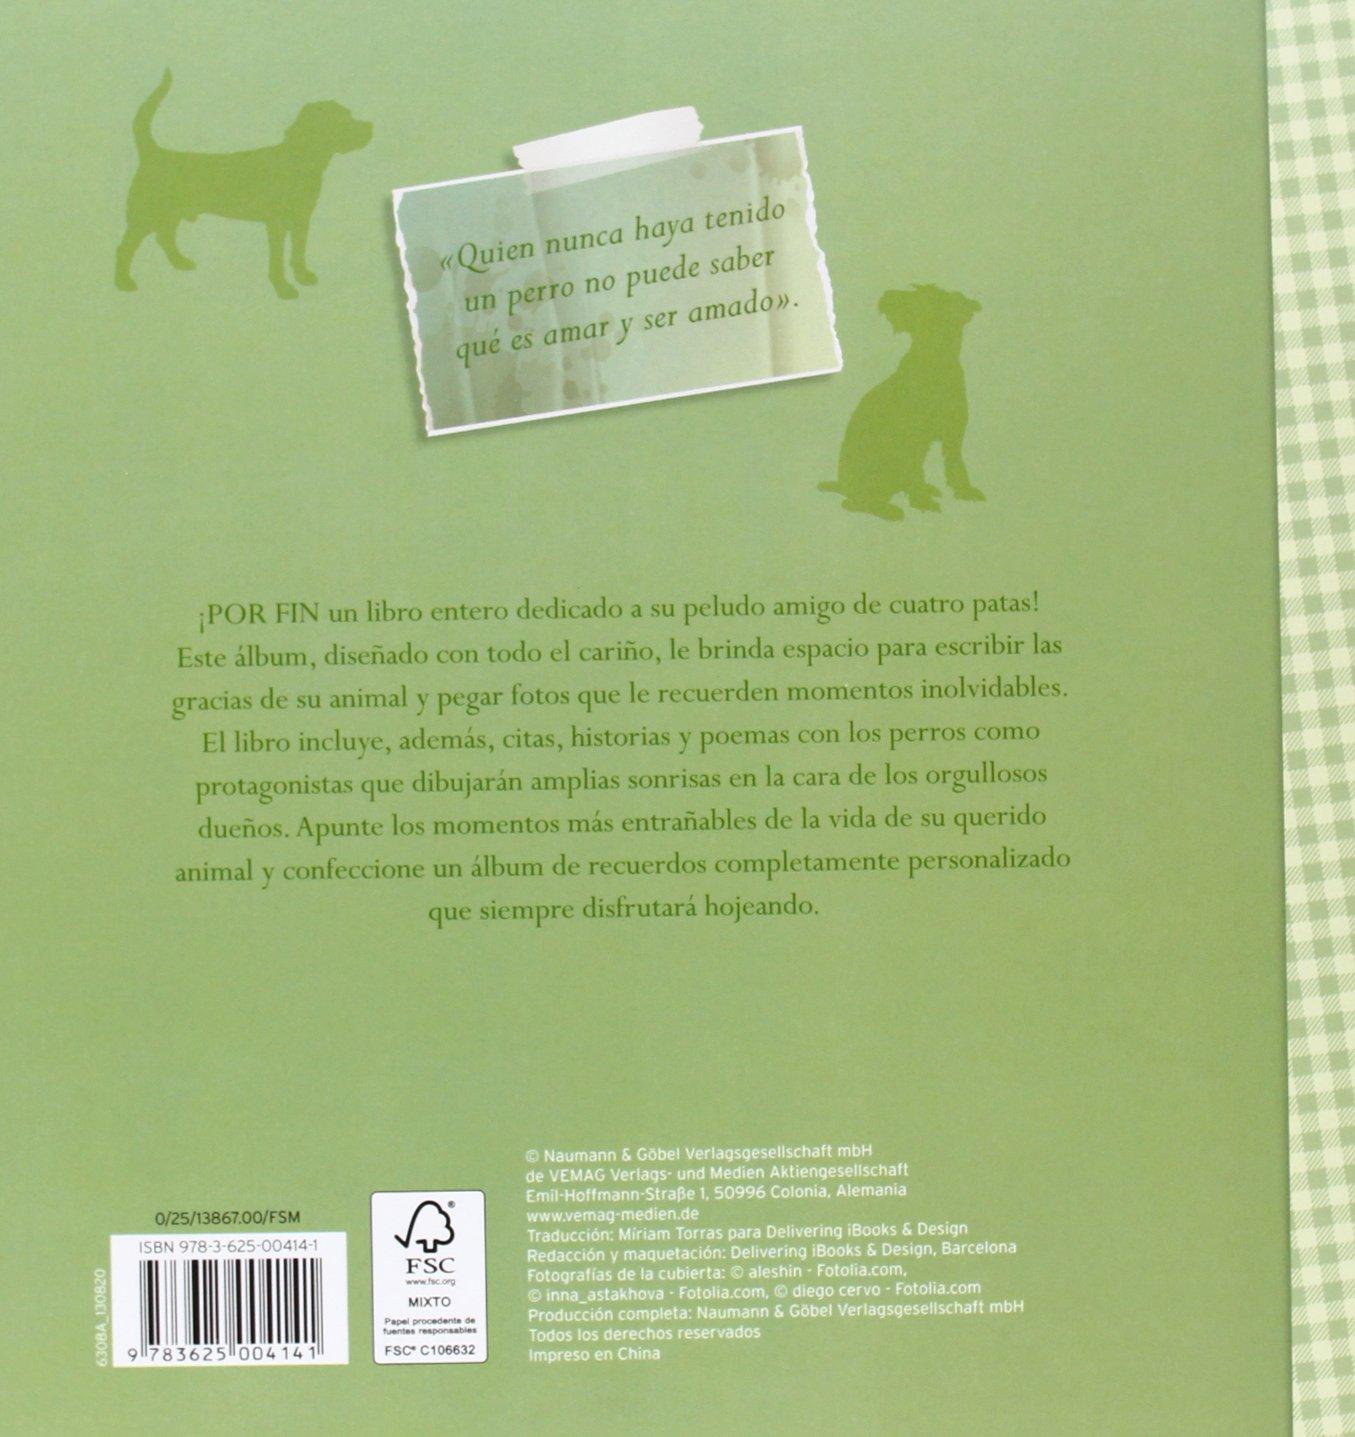 ALBUM DE MI PERRO.(RECUERDOS DE MI MASCOTA): VV.AA.: 9783625004141: Amazon.com: Books